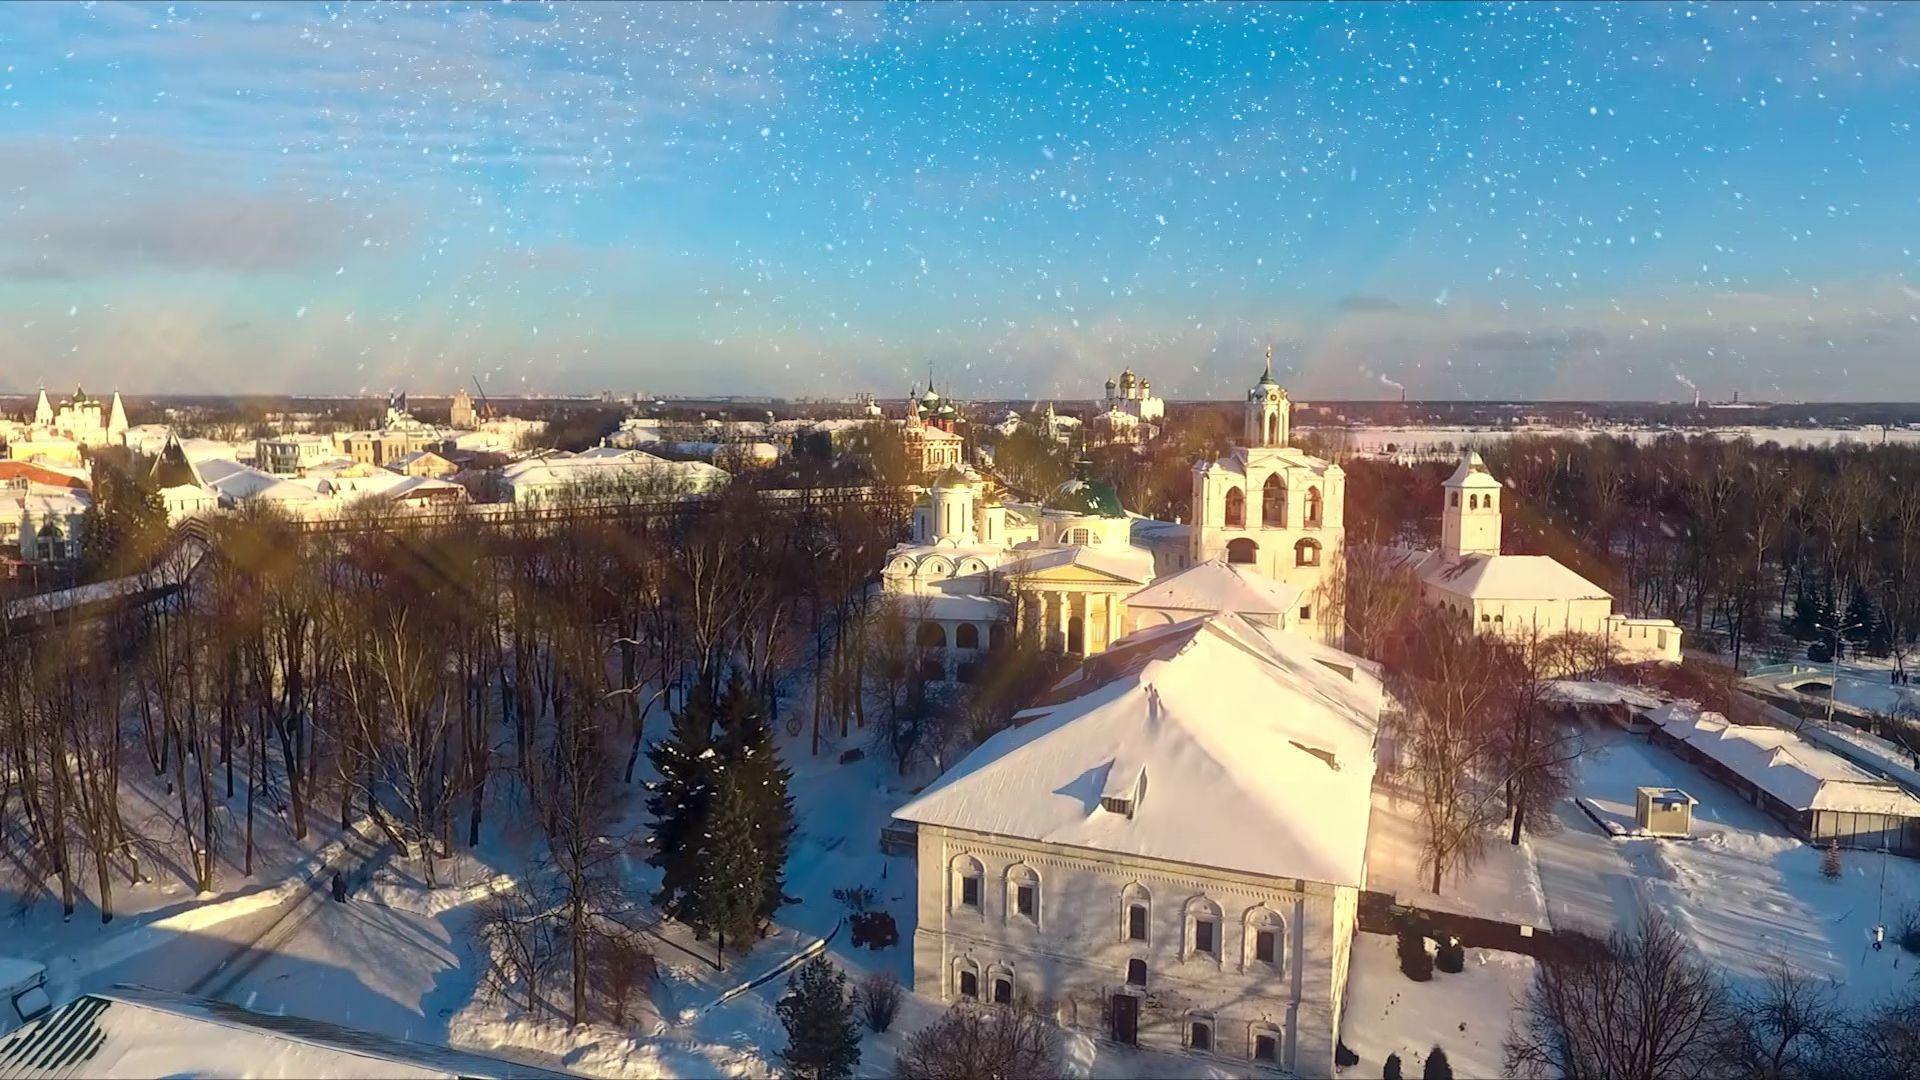 Муниципалитет поздравил ярославцев с наступающими праздниками